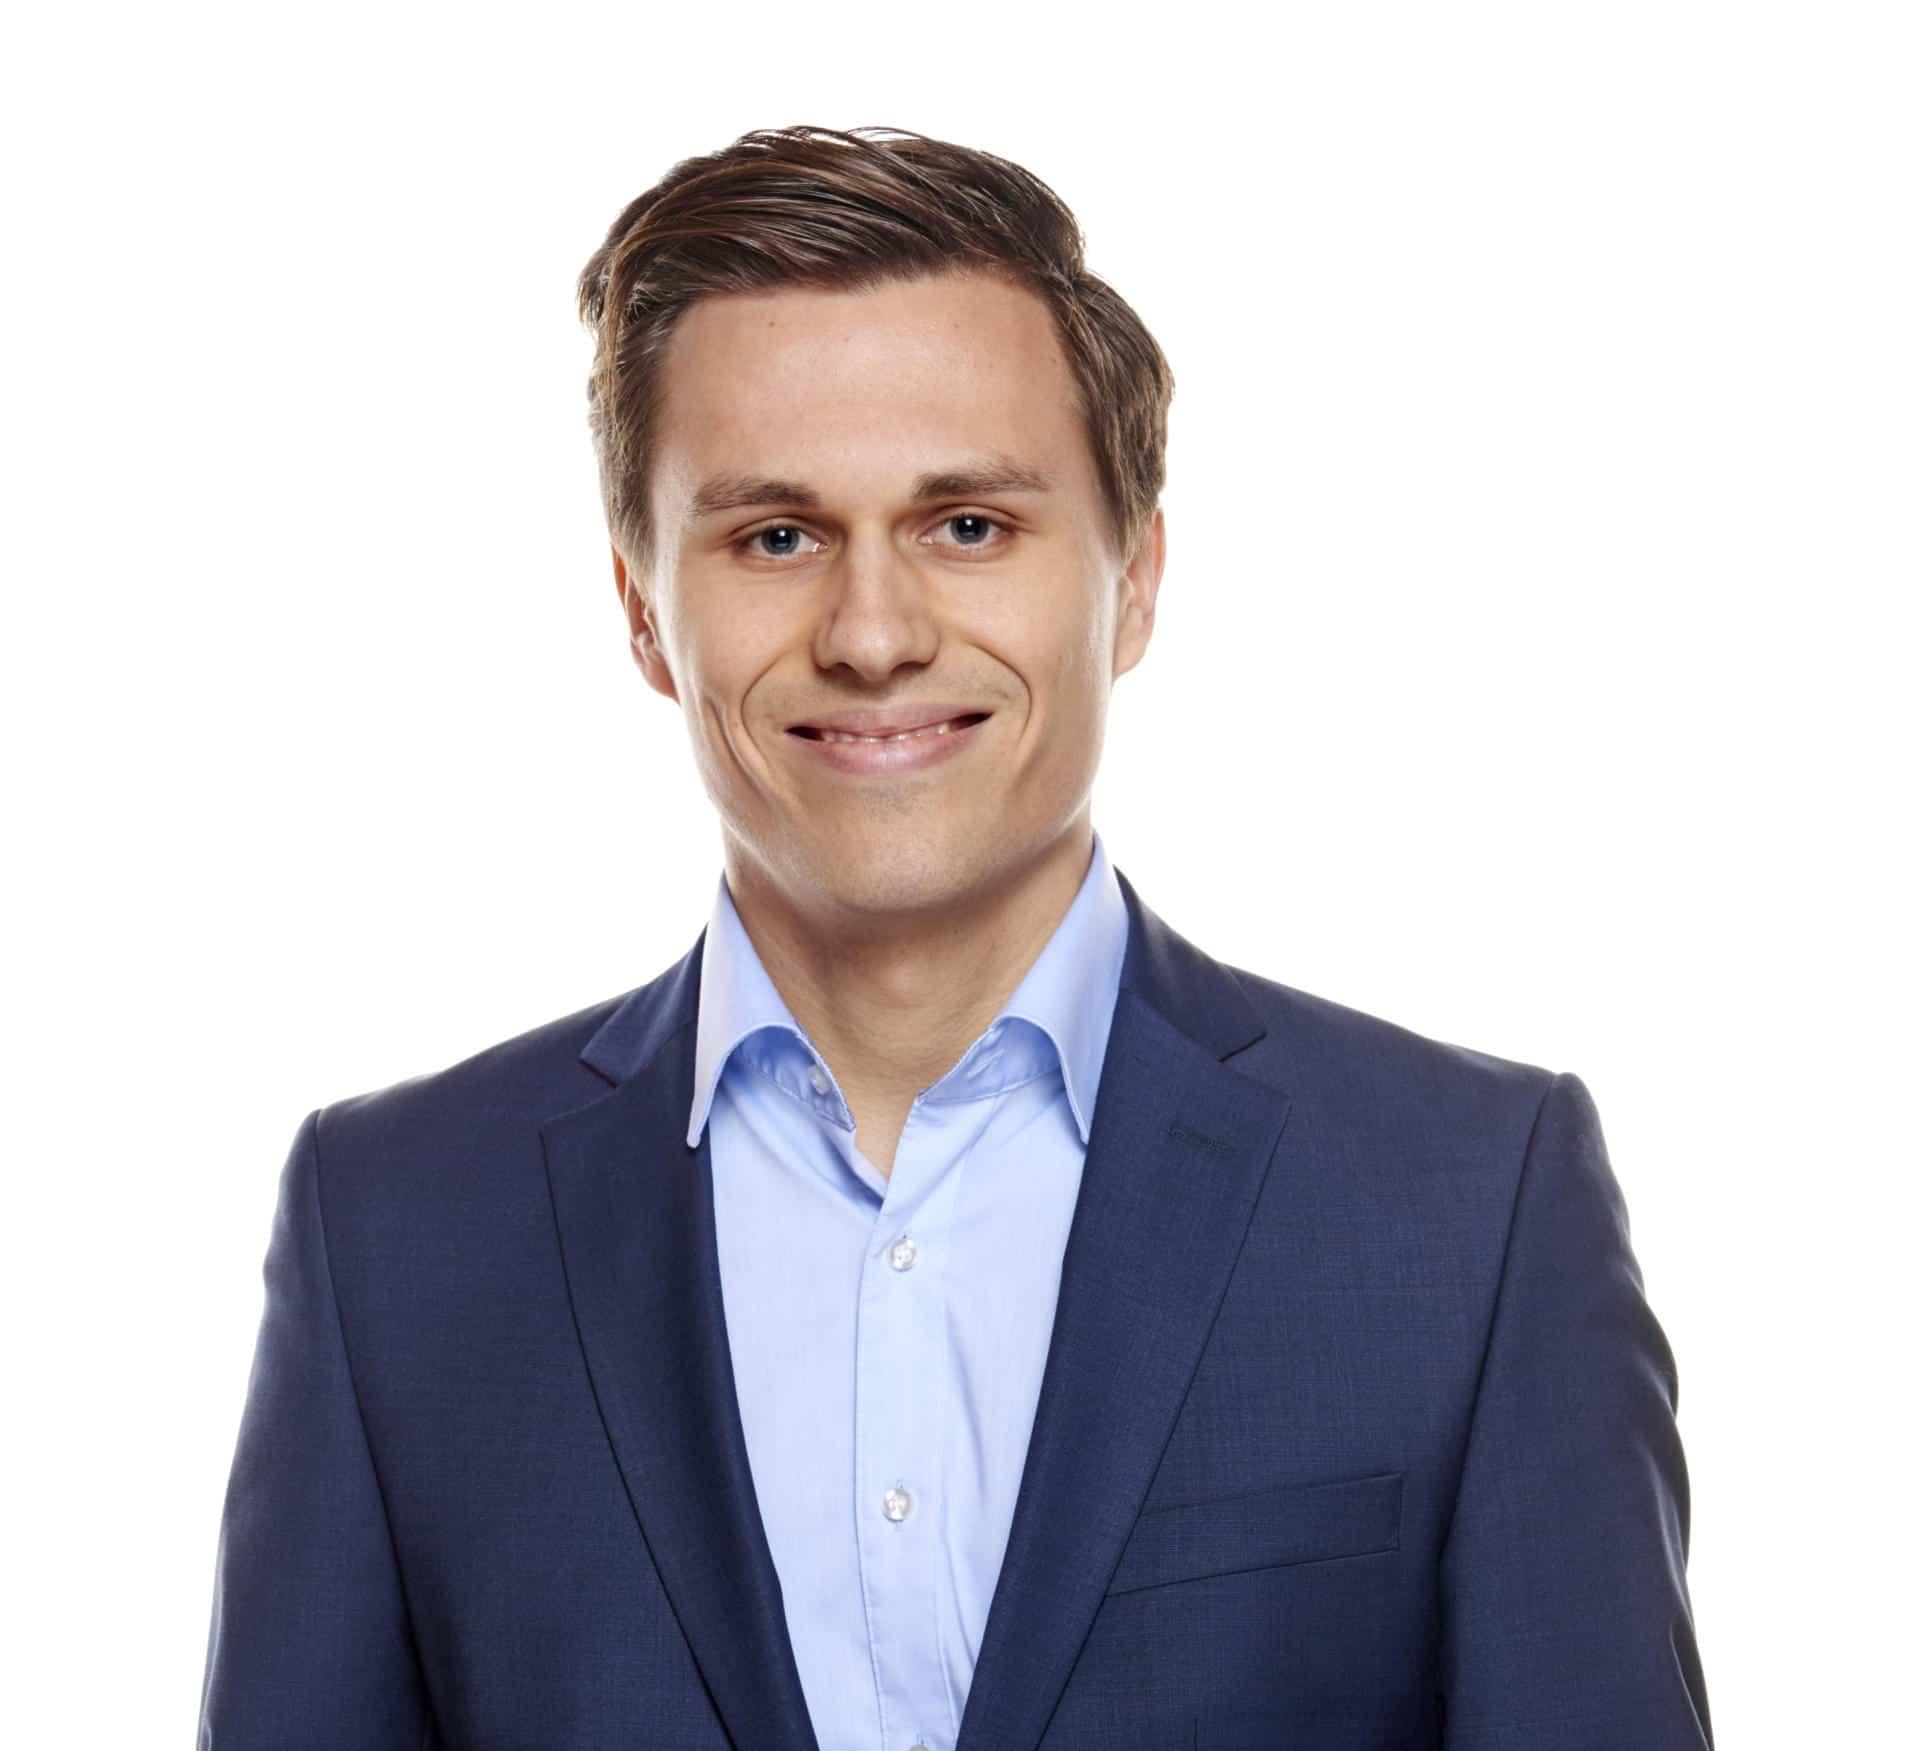 Robin Hartmann